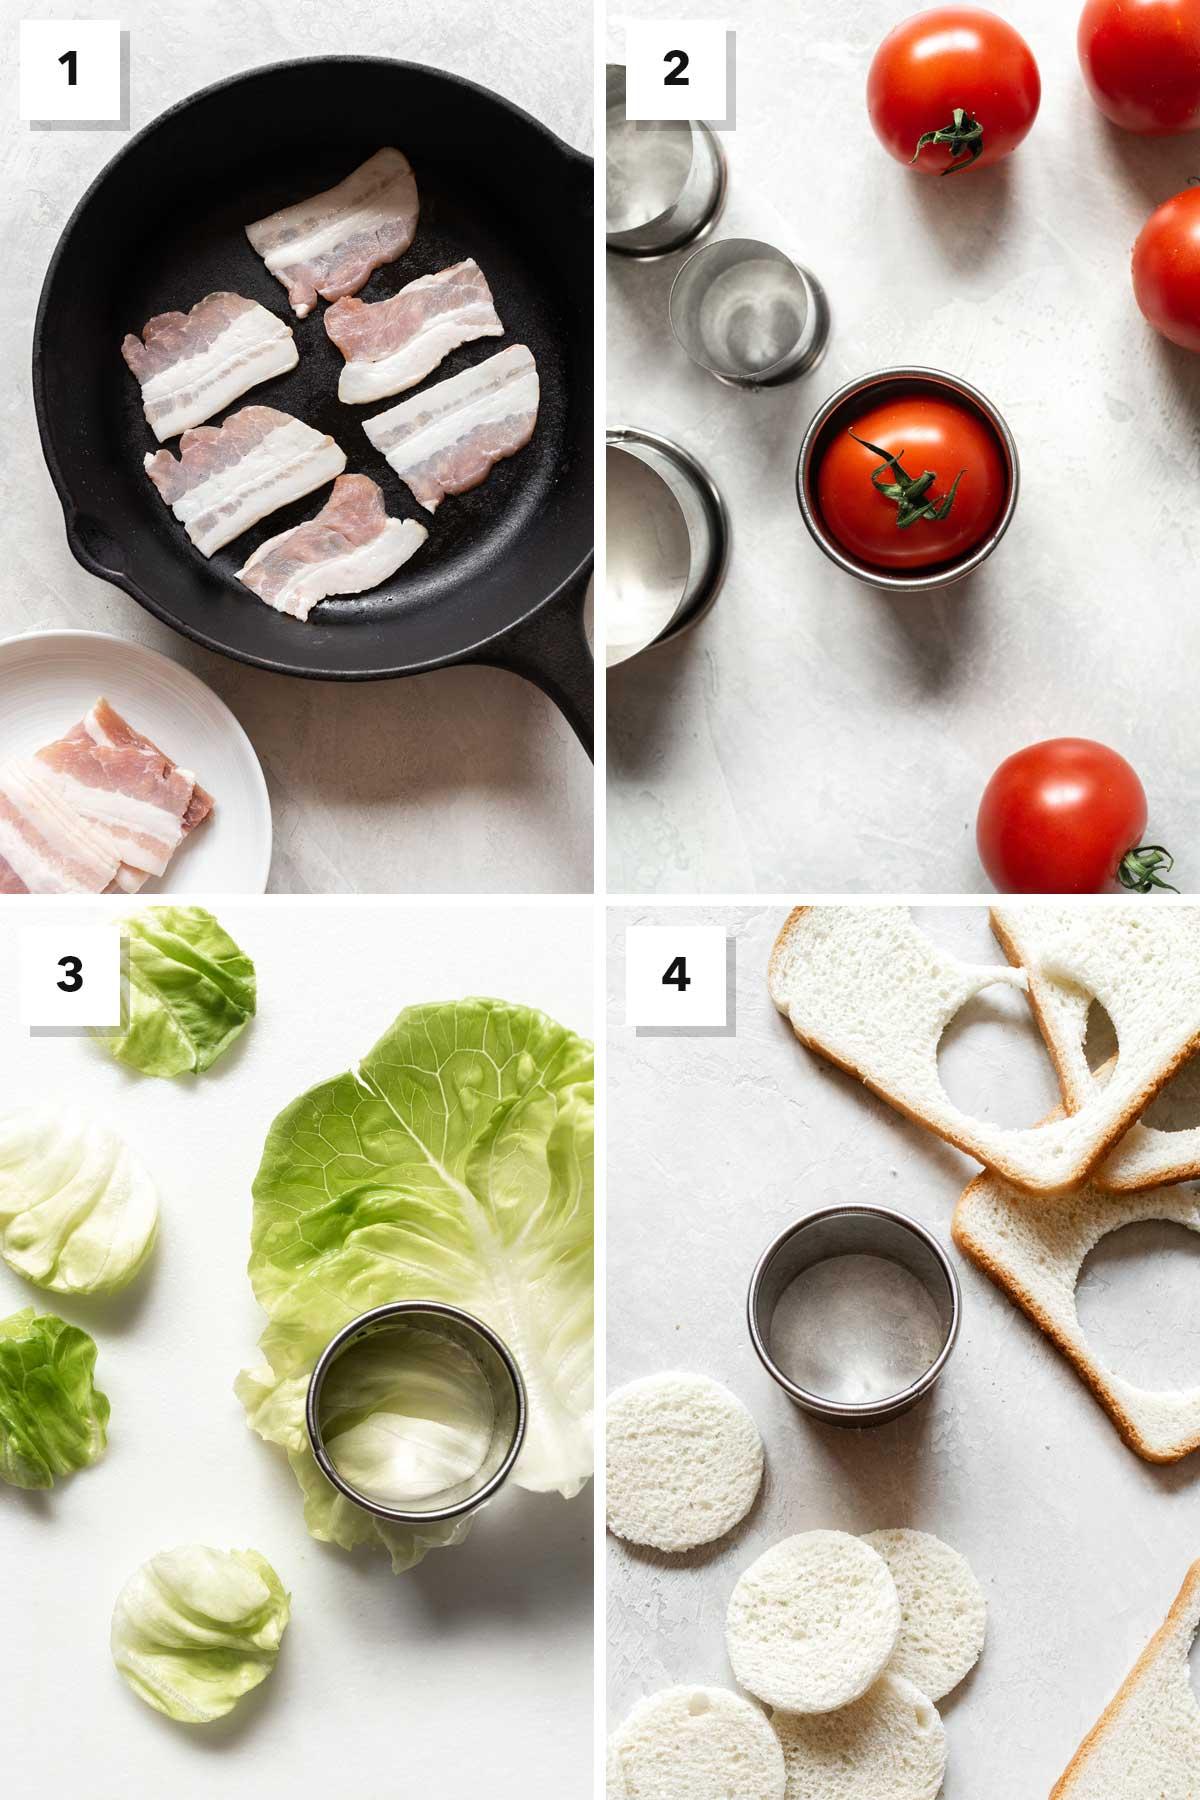 Four photos showing steps to make a BLT tea sandwich.